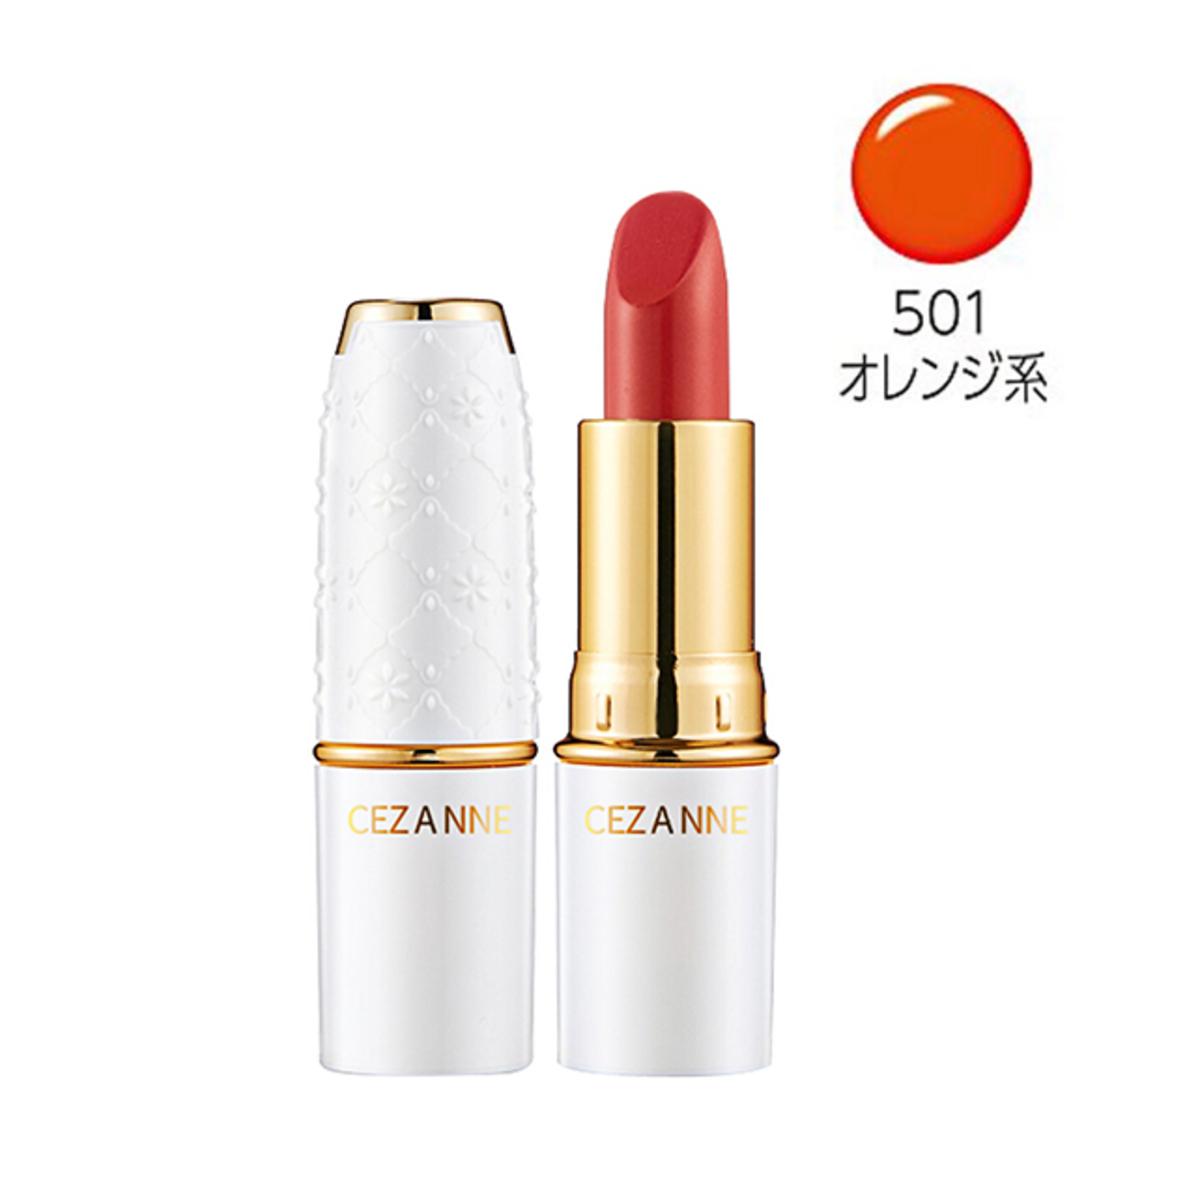 潤彩唇膏 4.2g #501